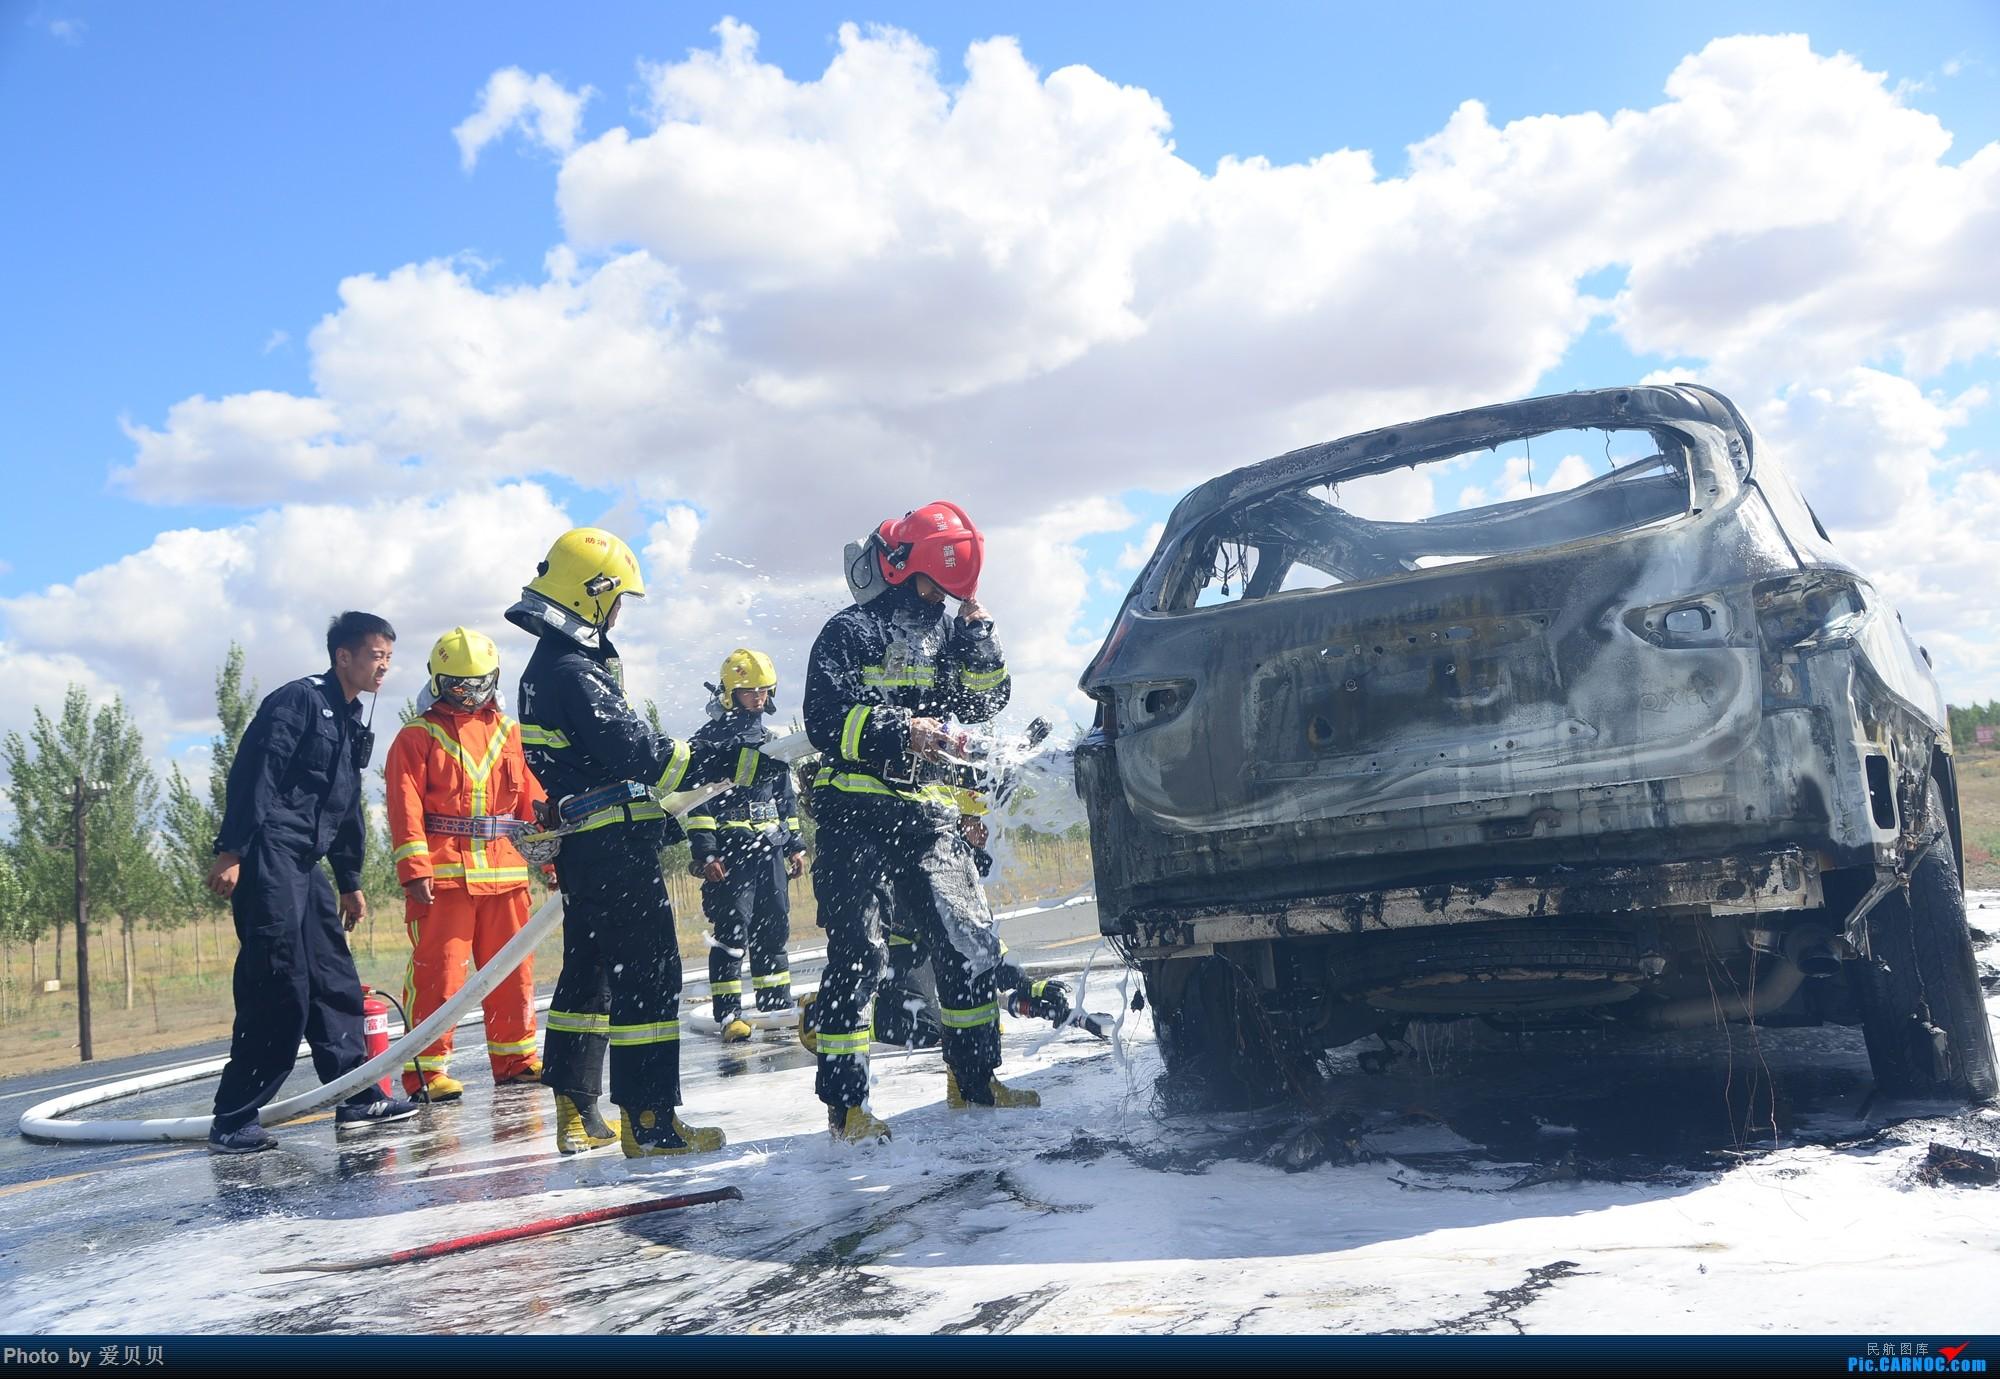 富蘊機場消防緊急出動處置事故